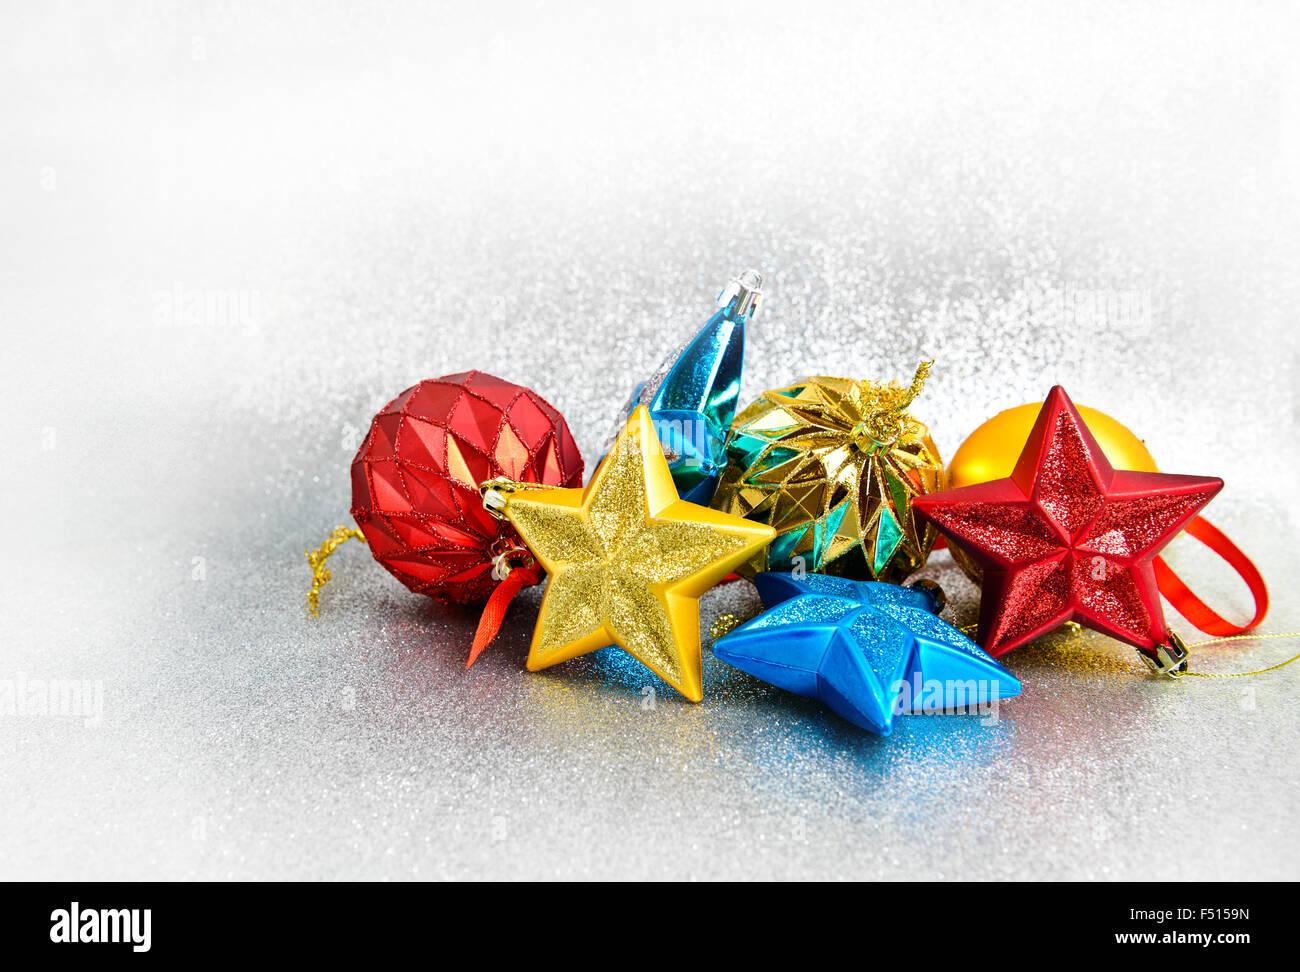 Weihnachts-Dekoration auf Glitzer Hintergrund Stockbild